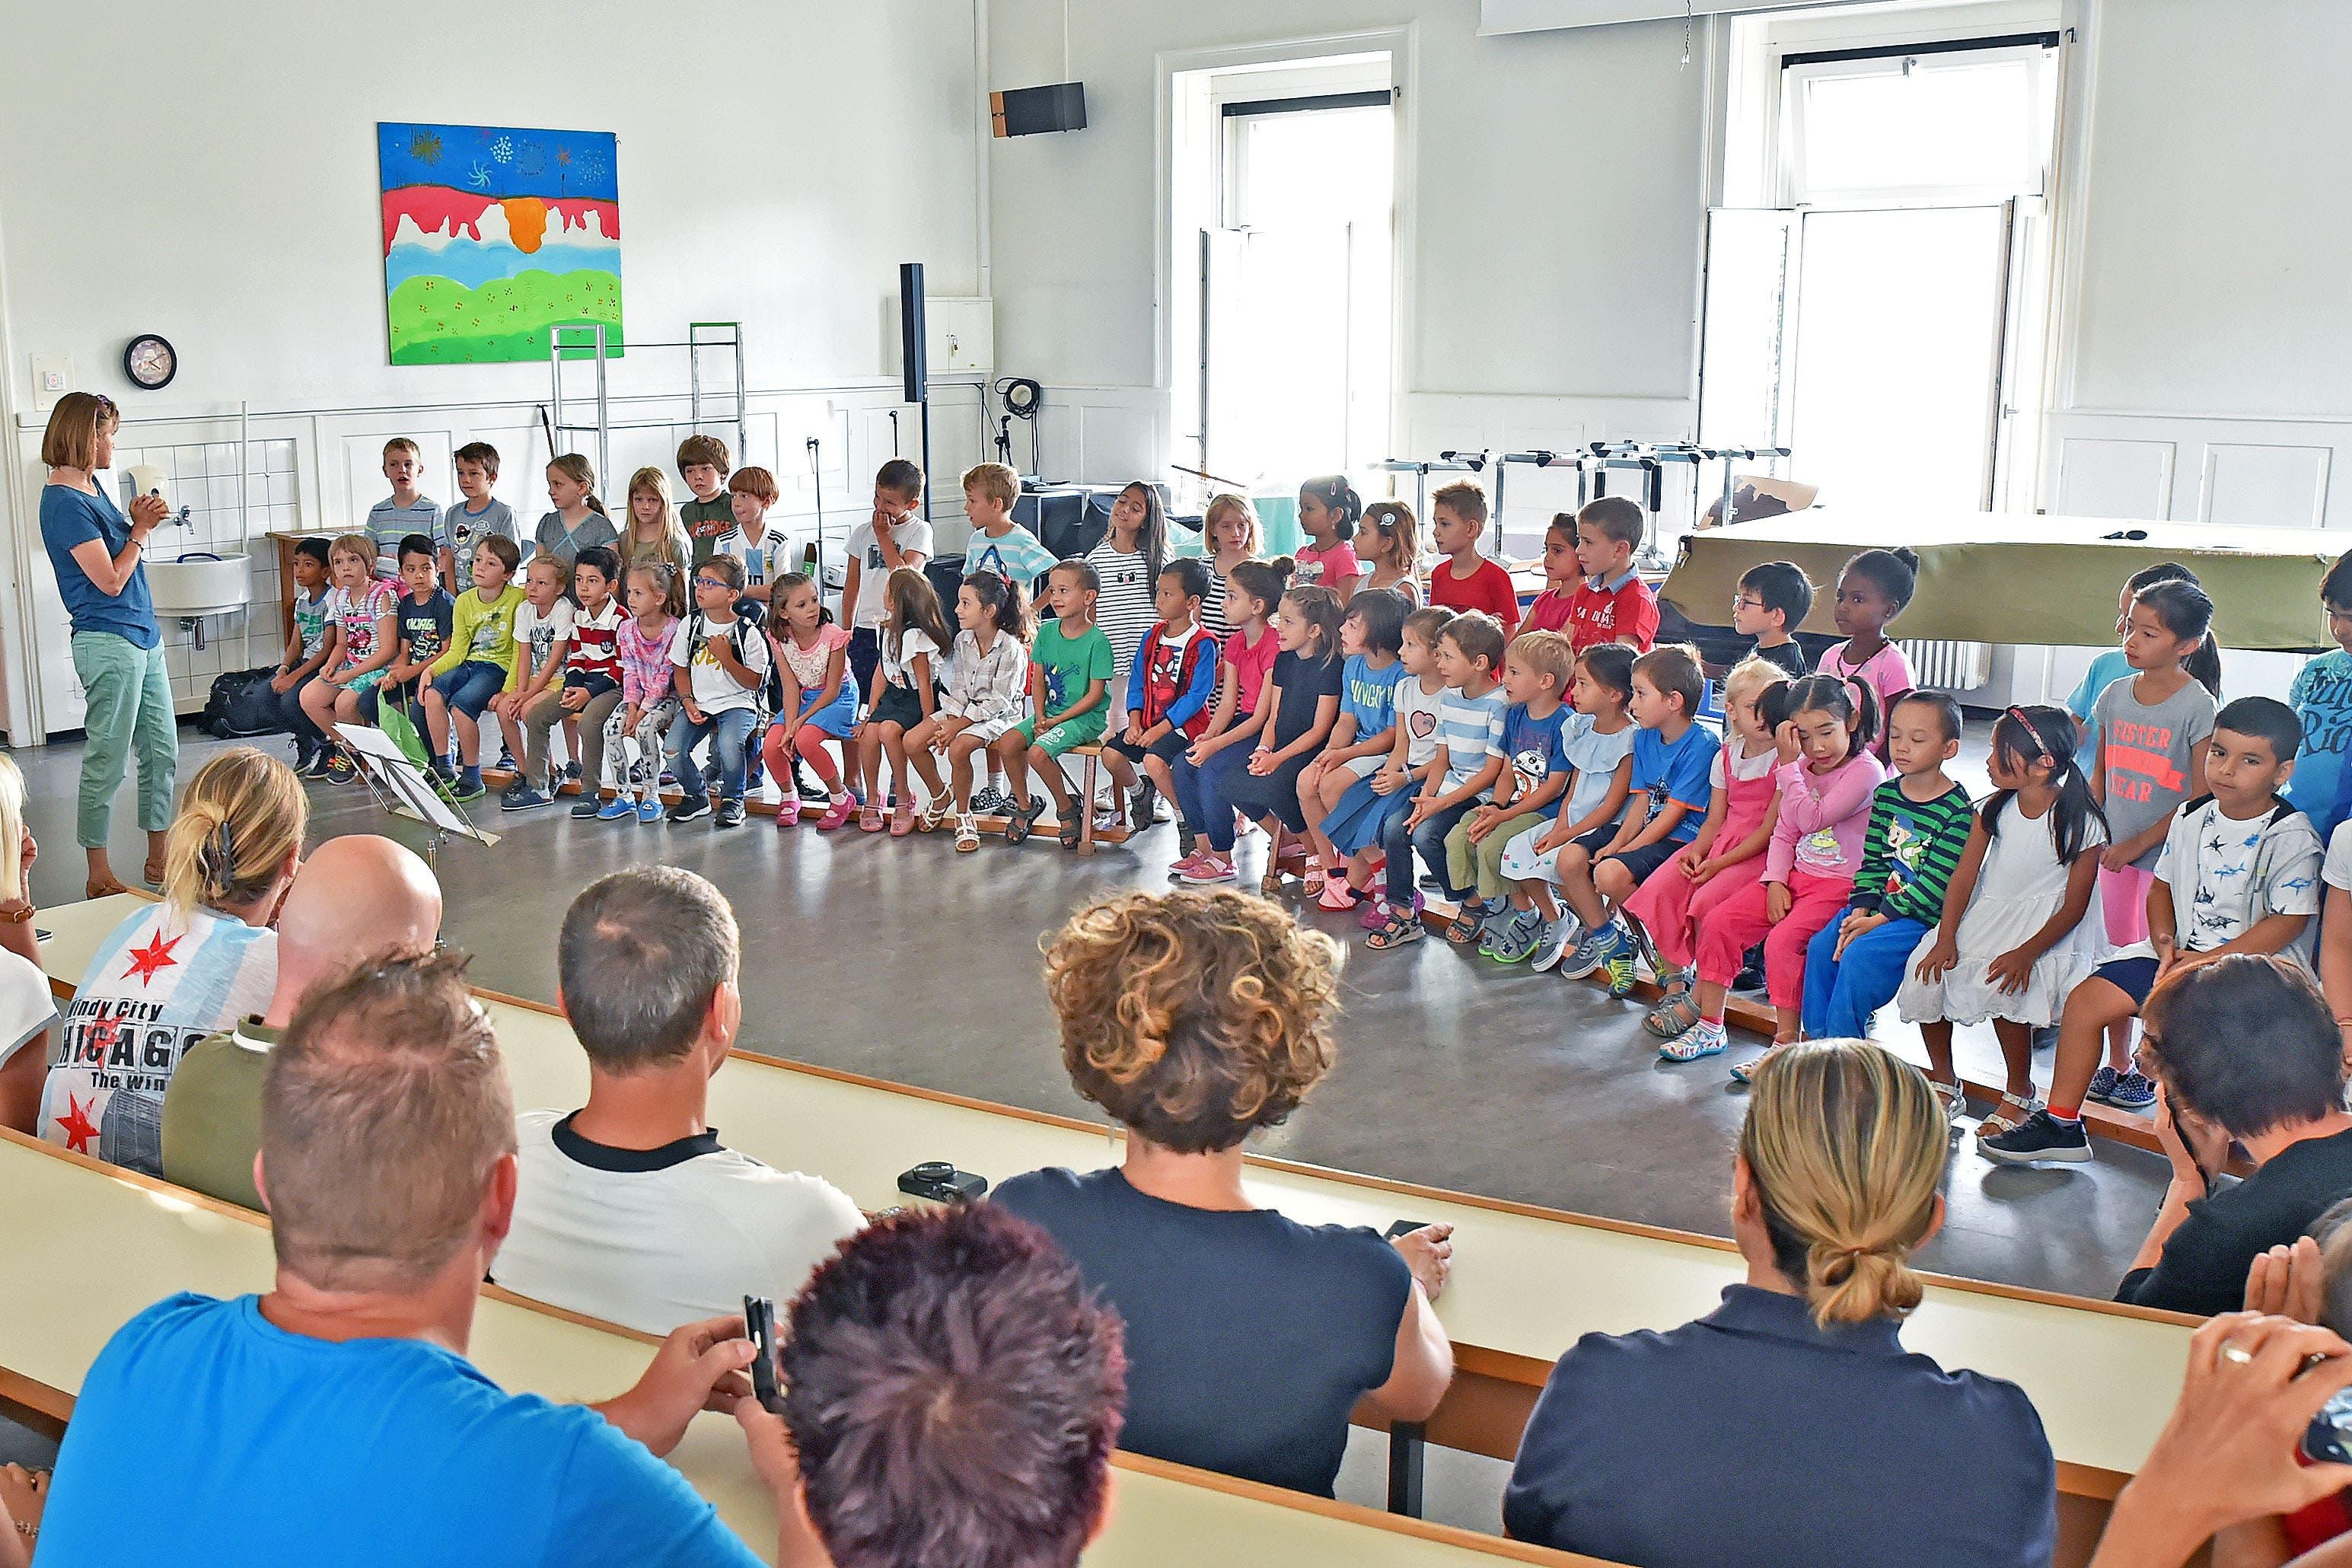 Schulanfang in Olten. Im Singsaal des Hübeli wurden die neuen Erstklässler unter den Augen ihrer Eltern mit Musik begrüsst.